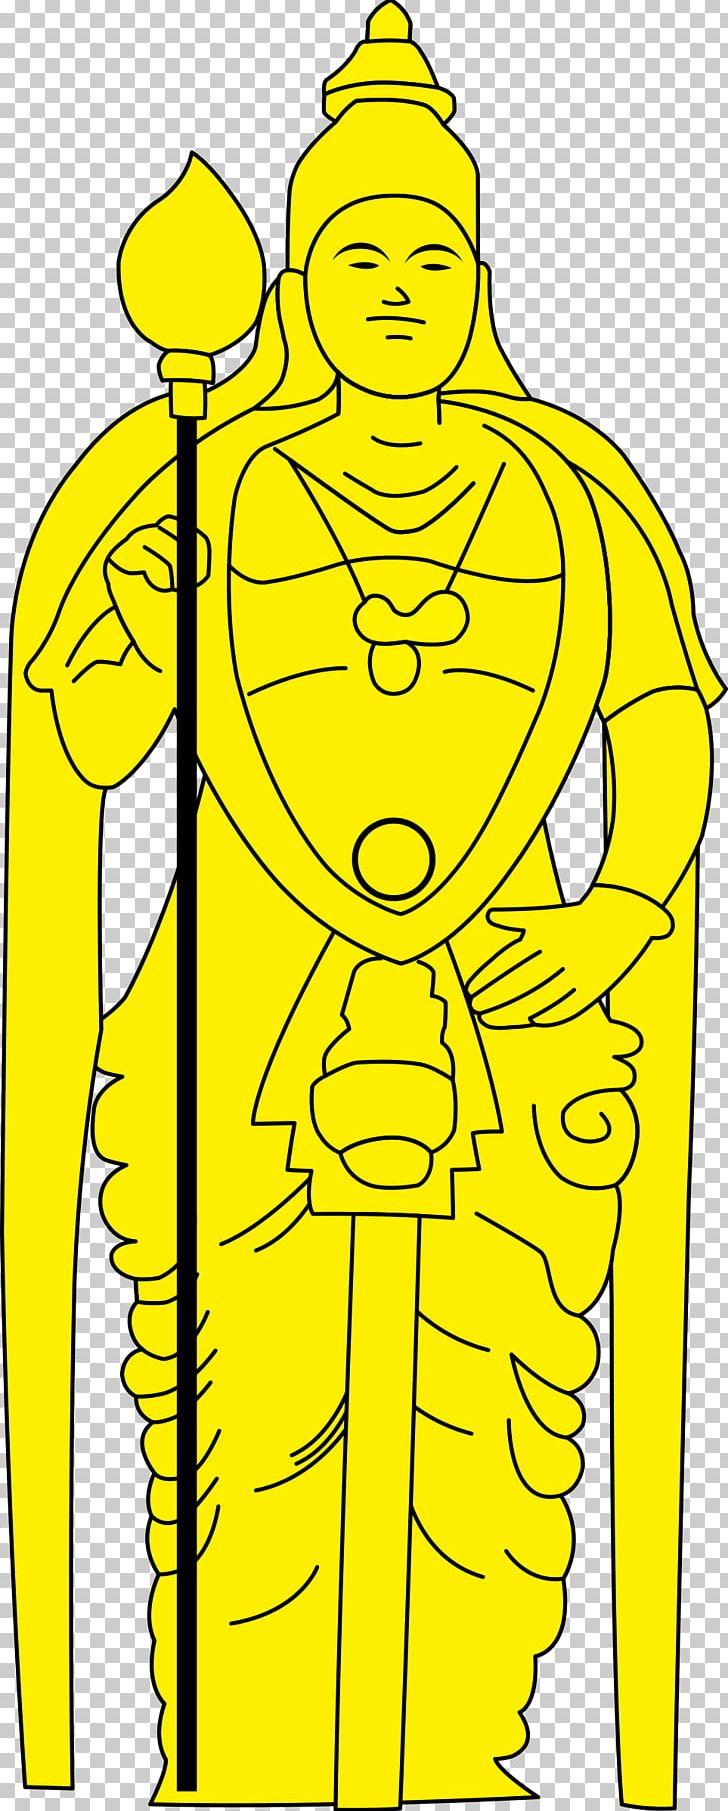 Batu Caves Lord Murugan Statue Kartikeya Ganesha PNG, Clipart, Area, Art, Artwork, Ayyappan, Batu Free PNG Download